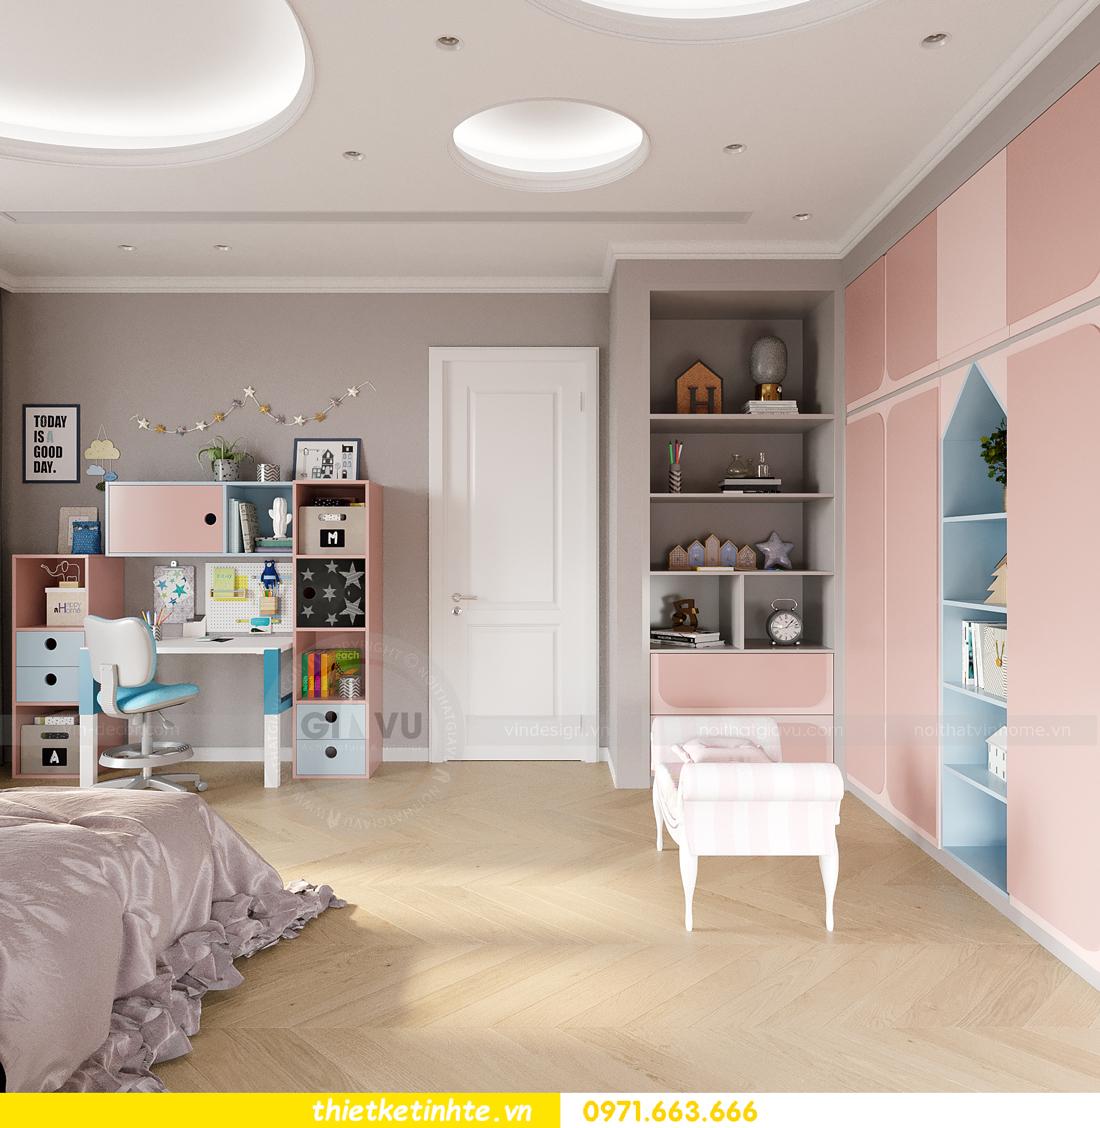 mẫu thiết kế nội thất biệt thự OCean Park San Hô 0203 16